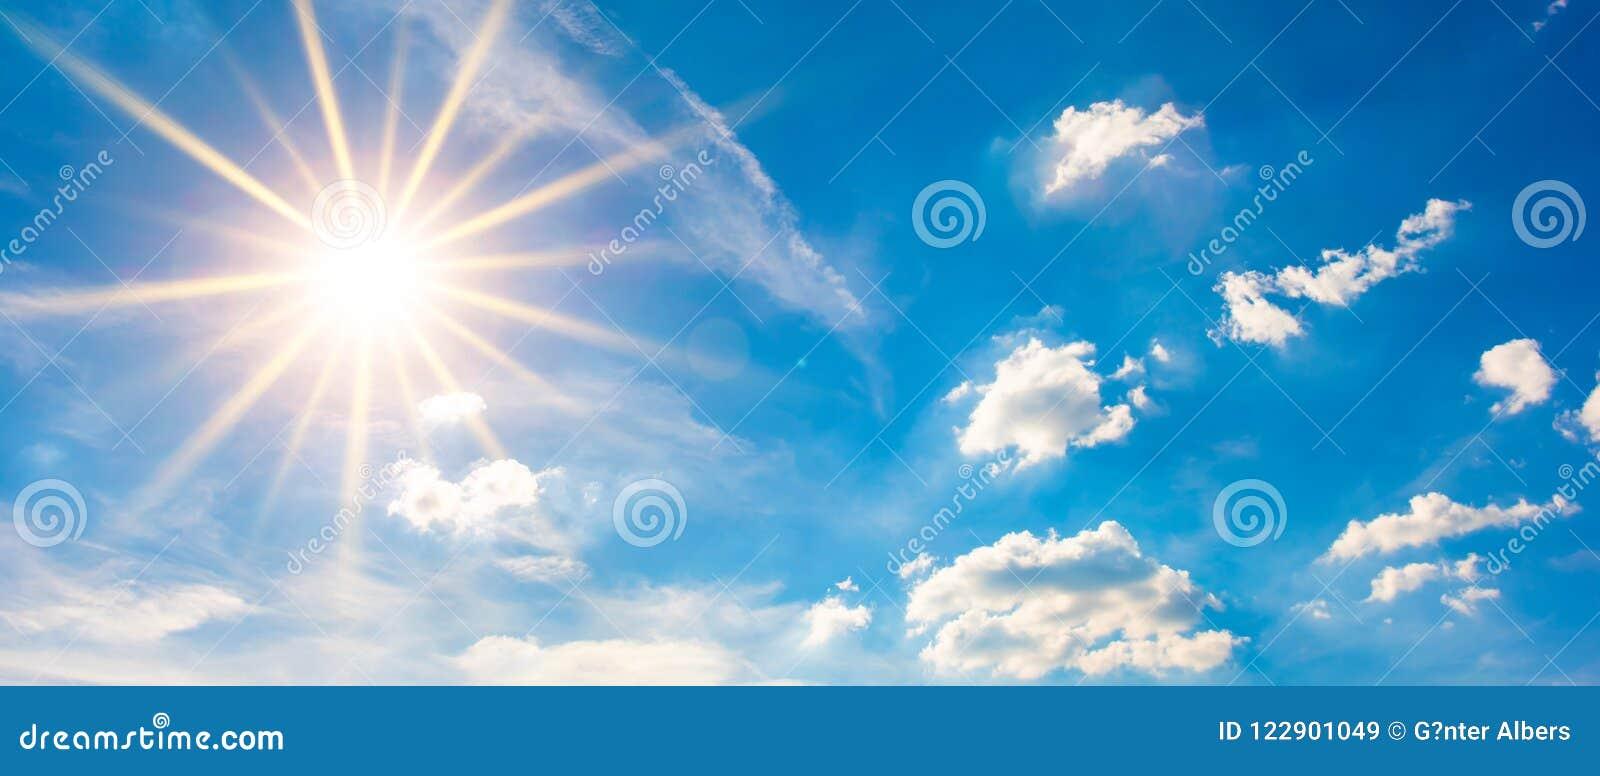 download 与蓝天和明亮的太阳的夏天背景 库存图片.图片